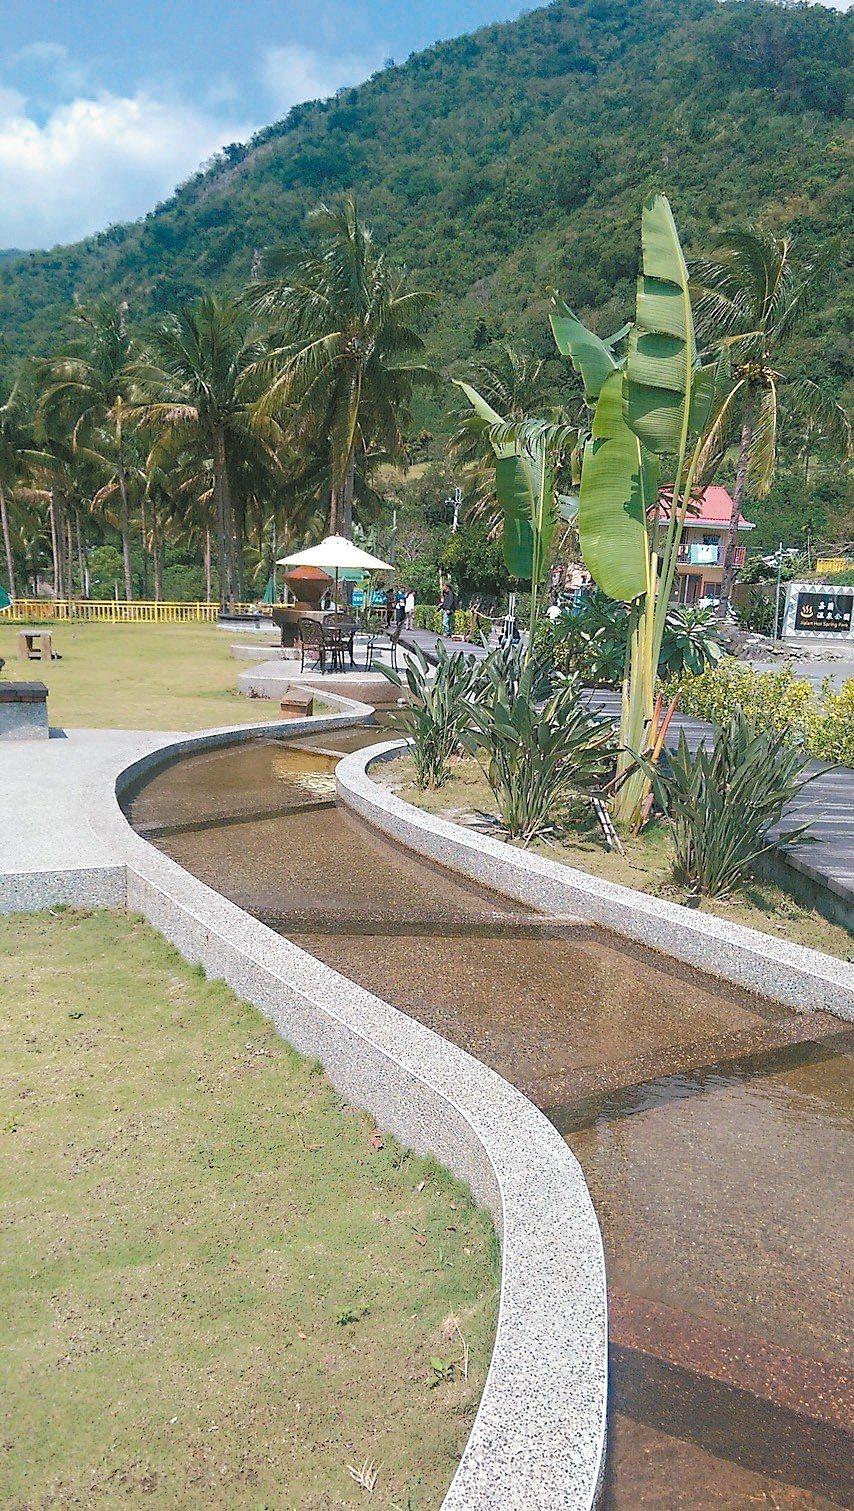 嘉蘭溫泉公園泡腳池採用百步蛇形狀設計,可以一邊泡腳一邊看遠處風景。 記者尤聰光/...